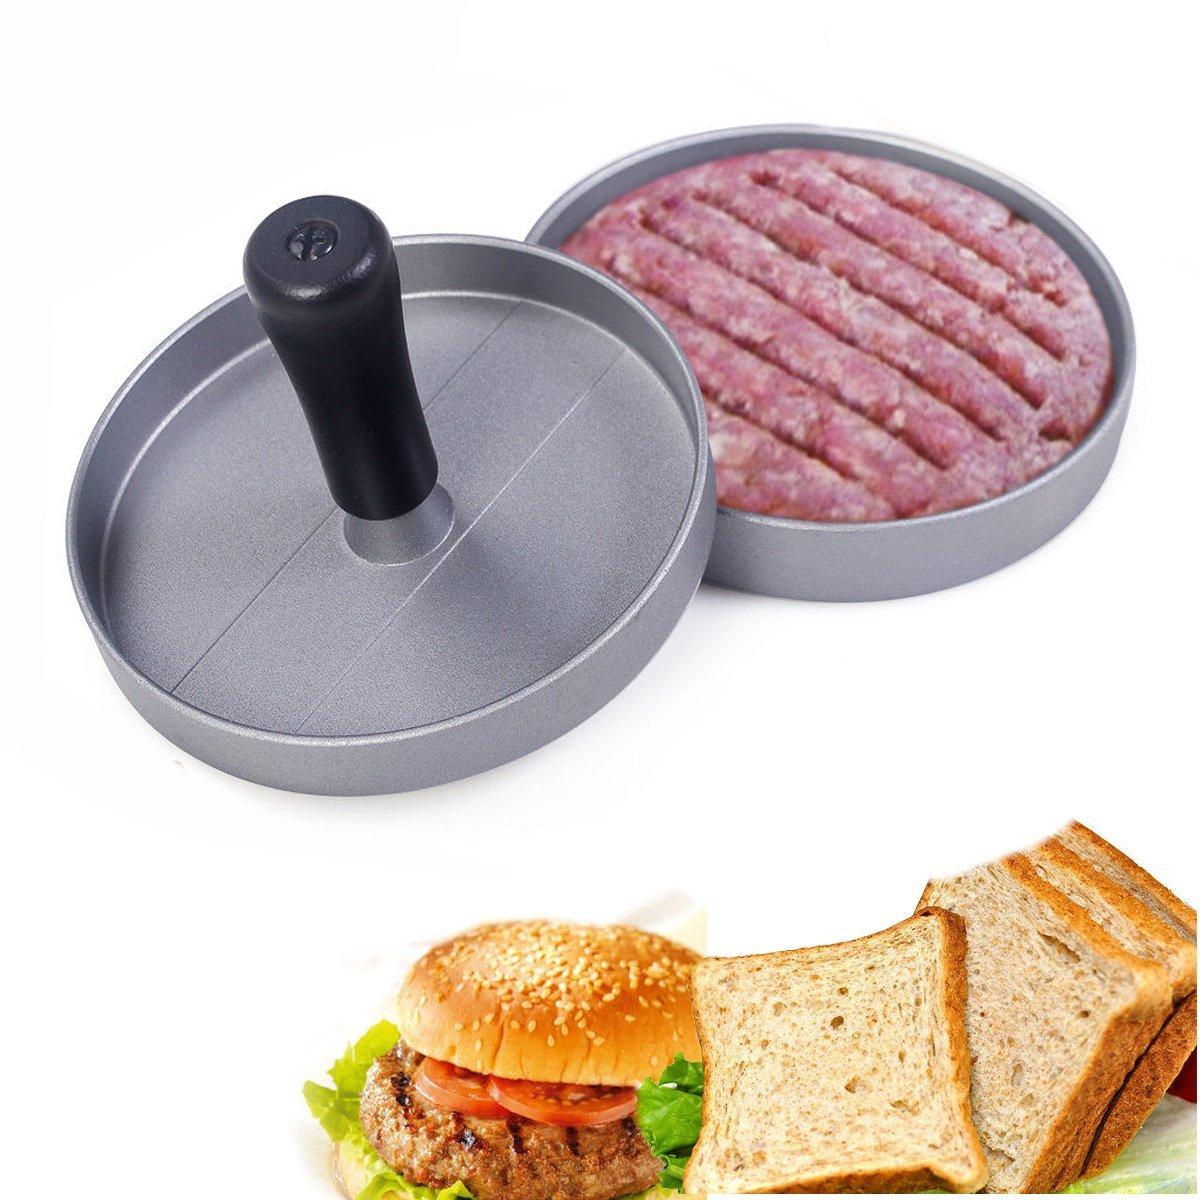 汉堡压DIY模具 肉饼压模具肉饼压三明治煎蛋模具 厨房创意小工具